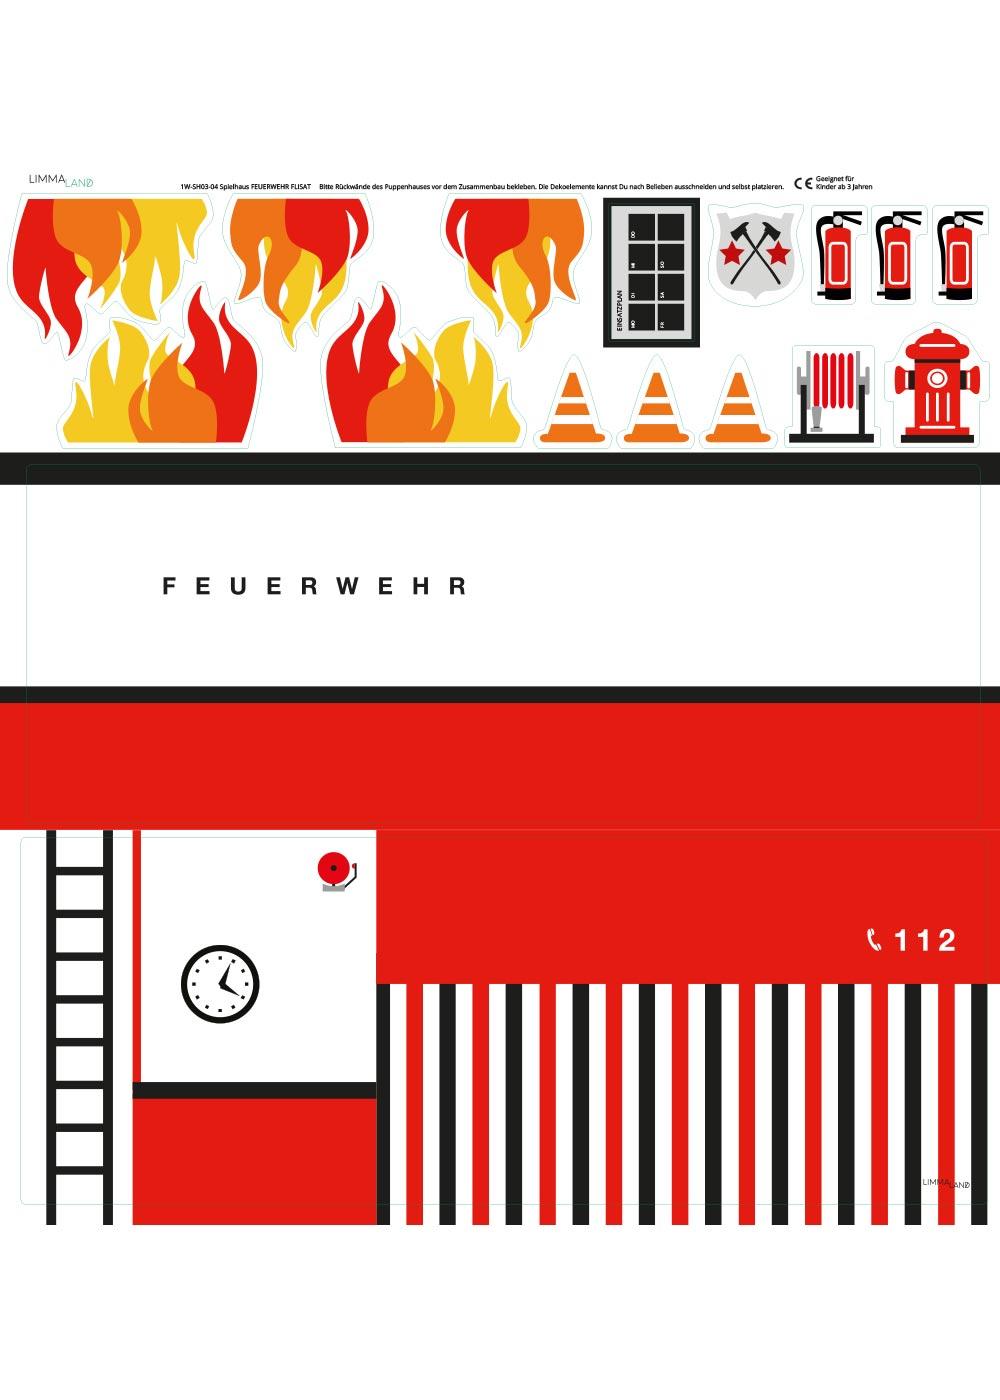 Ikea Flisat Puppenhaus Tapete Feuerwehr Druckvorlage